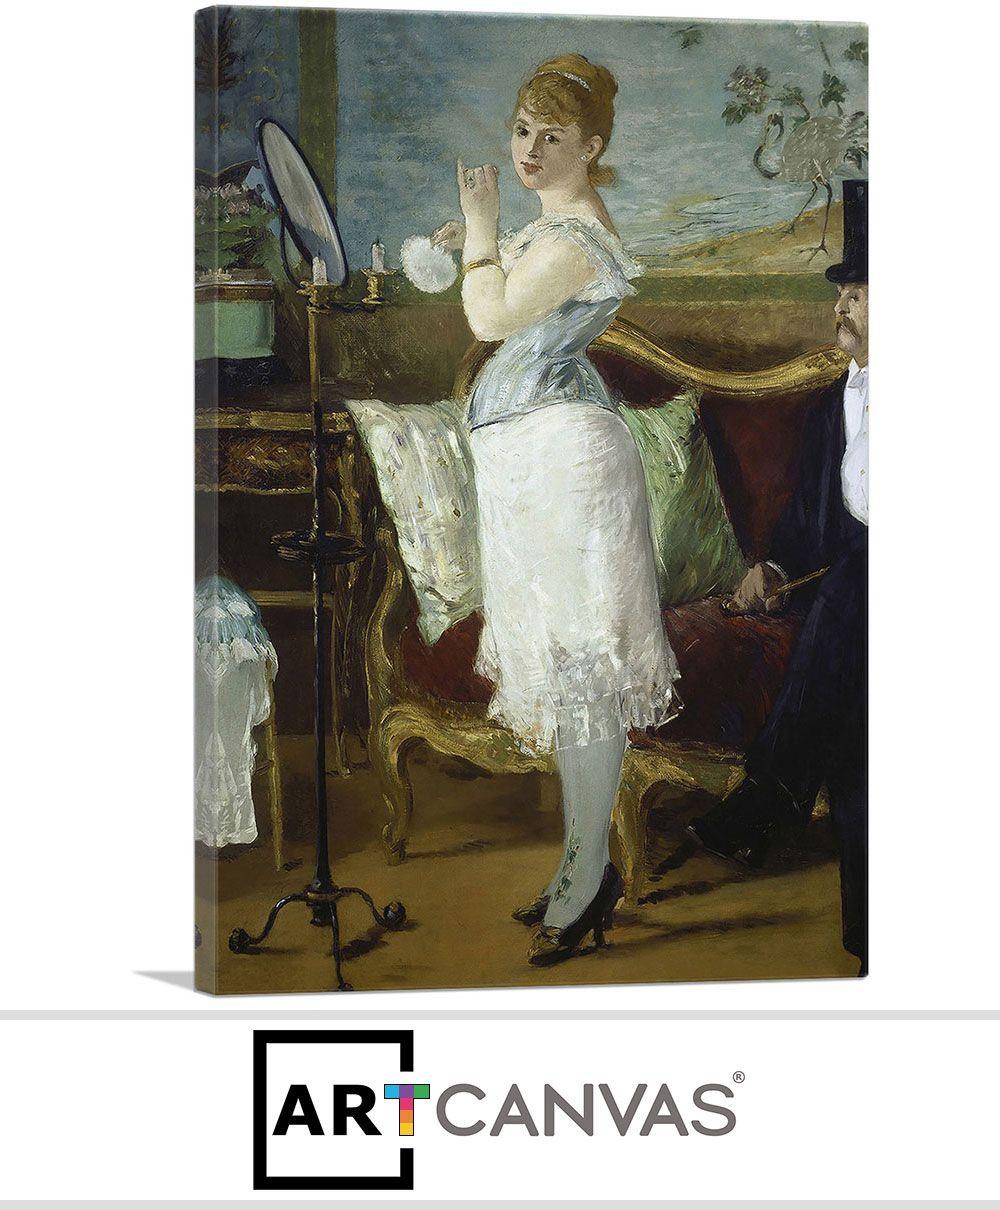 ARTCANVAS Olympia 1863 Canvas Art Print by Edouard Manet